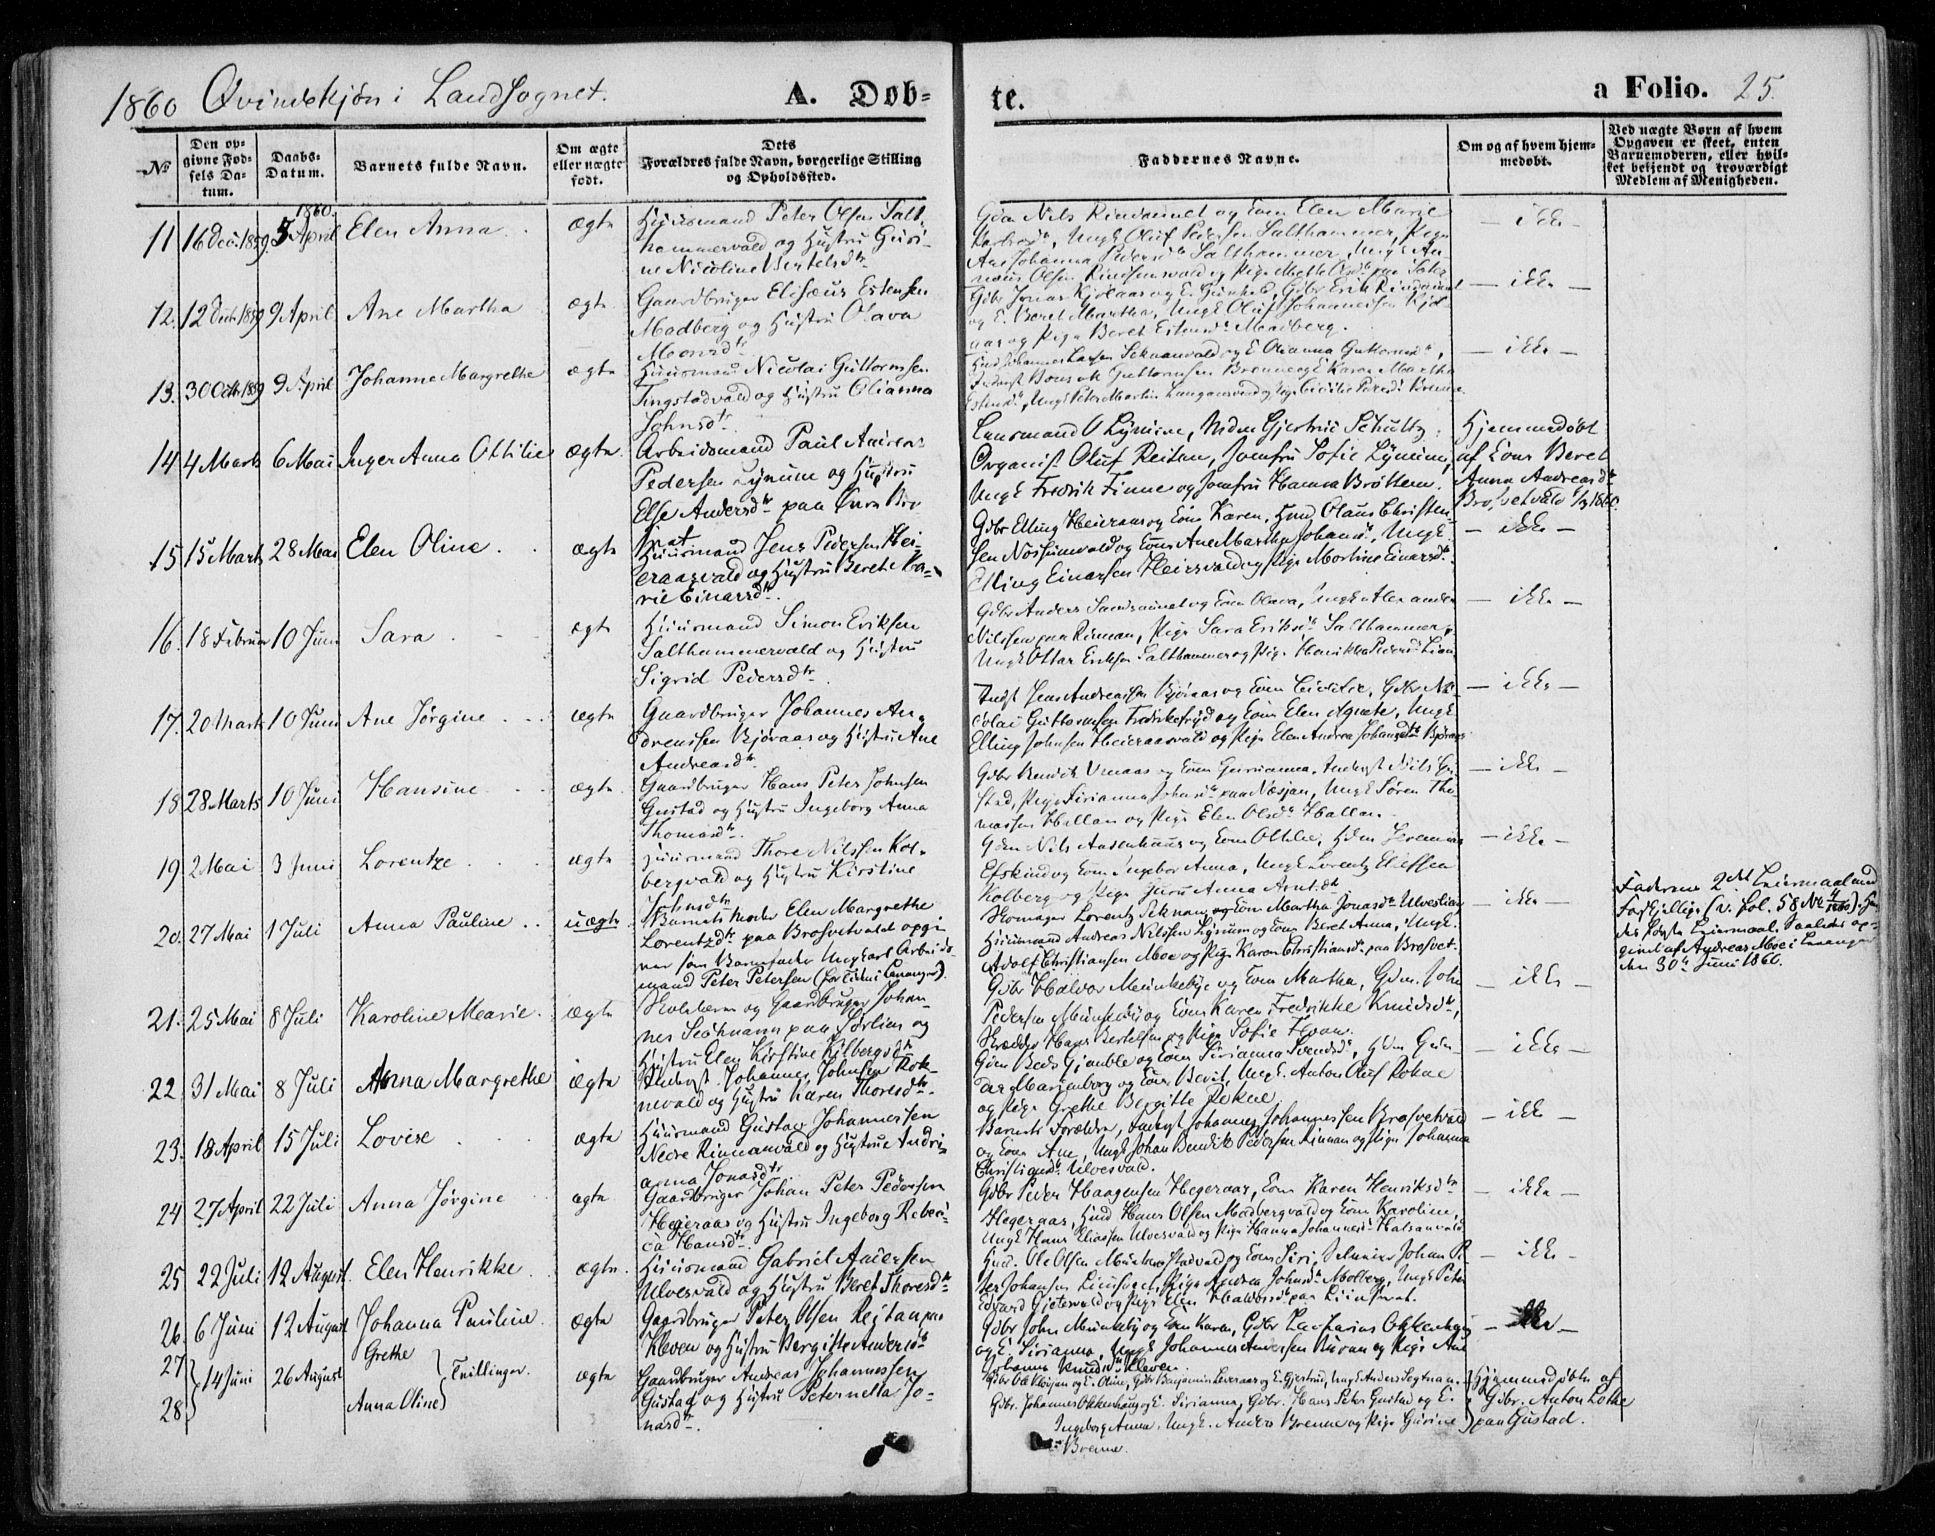 SAT, Ministerialprotokoller, klokkerbøker og fødselsregistre - Nord-Trøndelag, 720/L0184: Ministerialbok nr. 720A02 /2, 1855-1863, s. 25